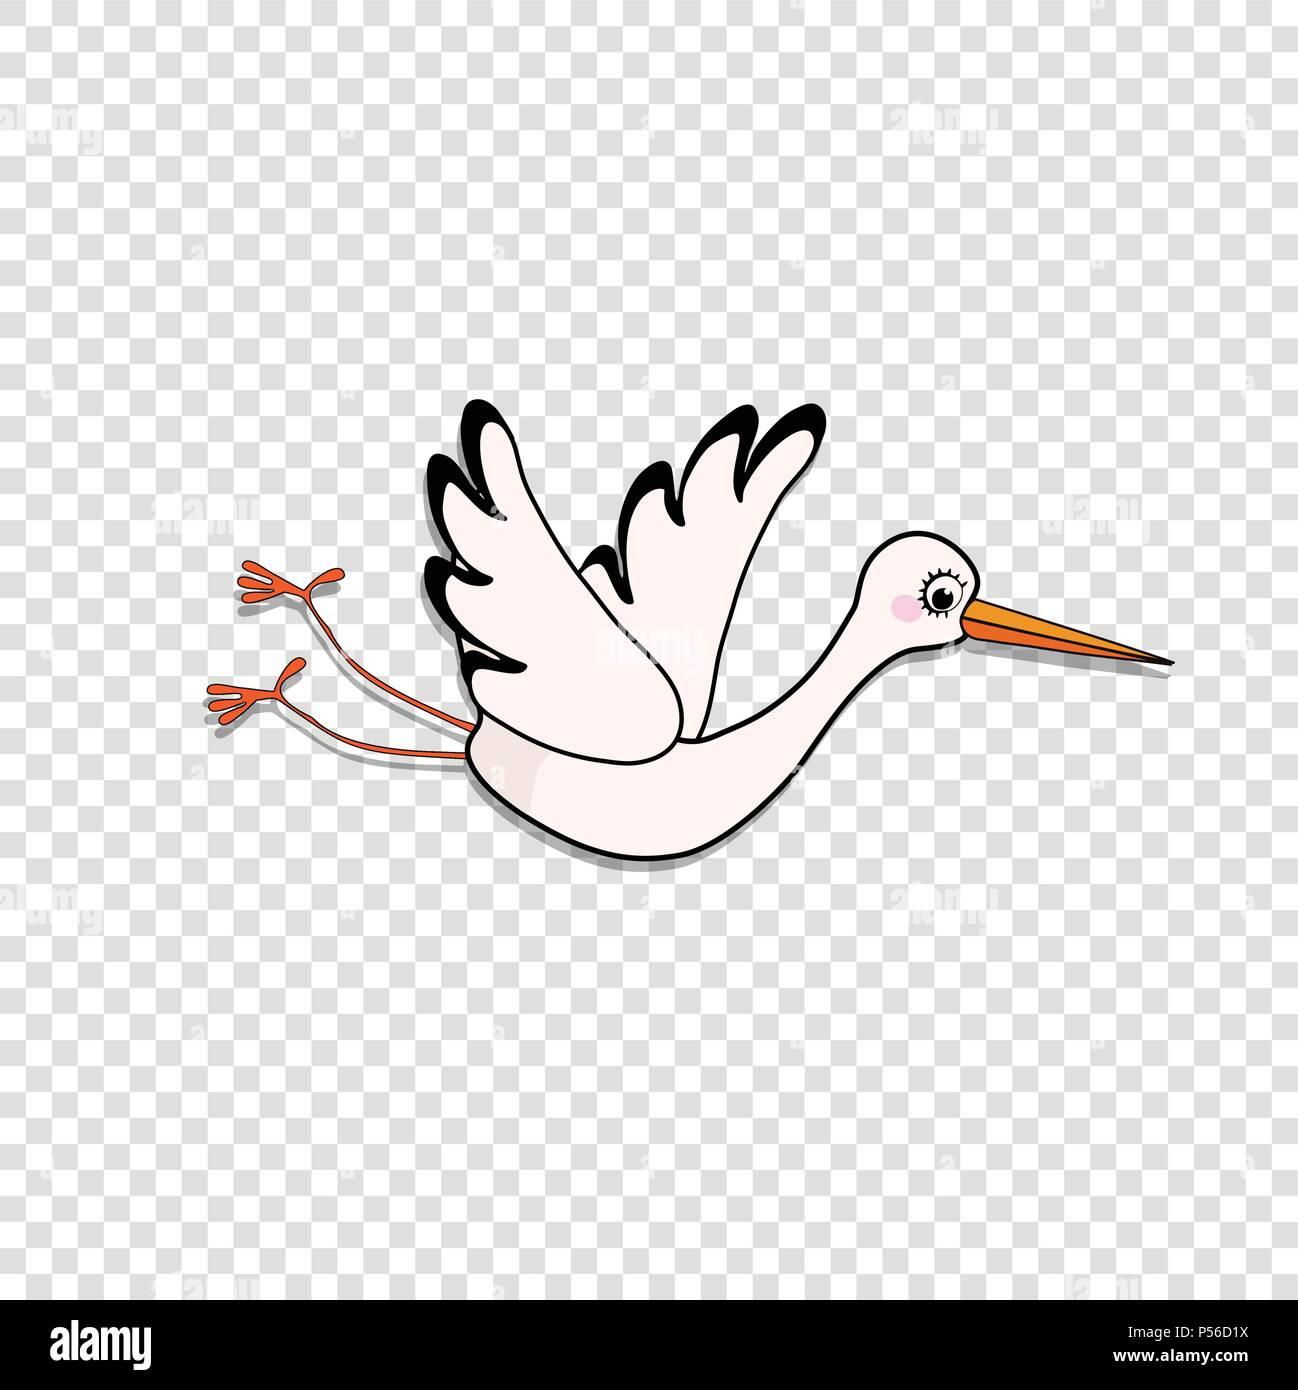 ilustração vetor cartoon clip art ou autocolante de cegonha voando